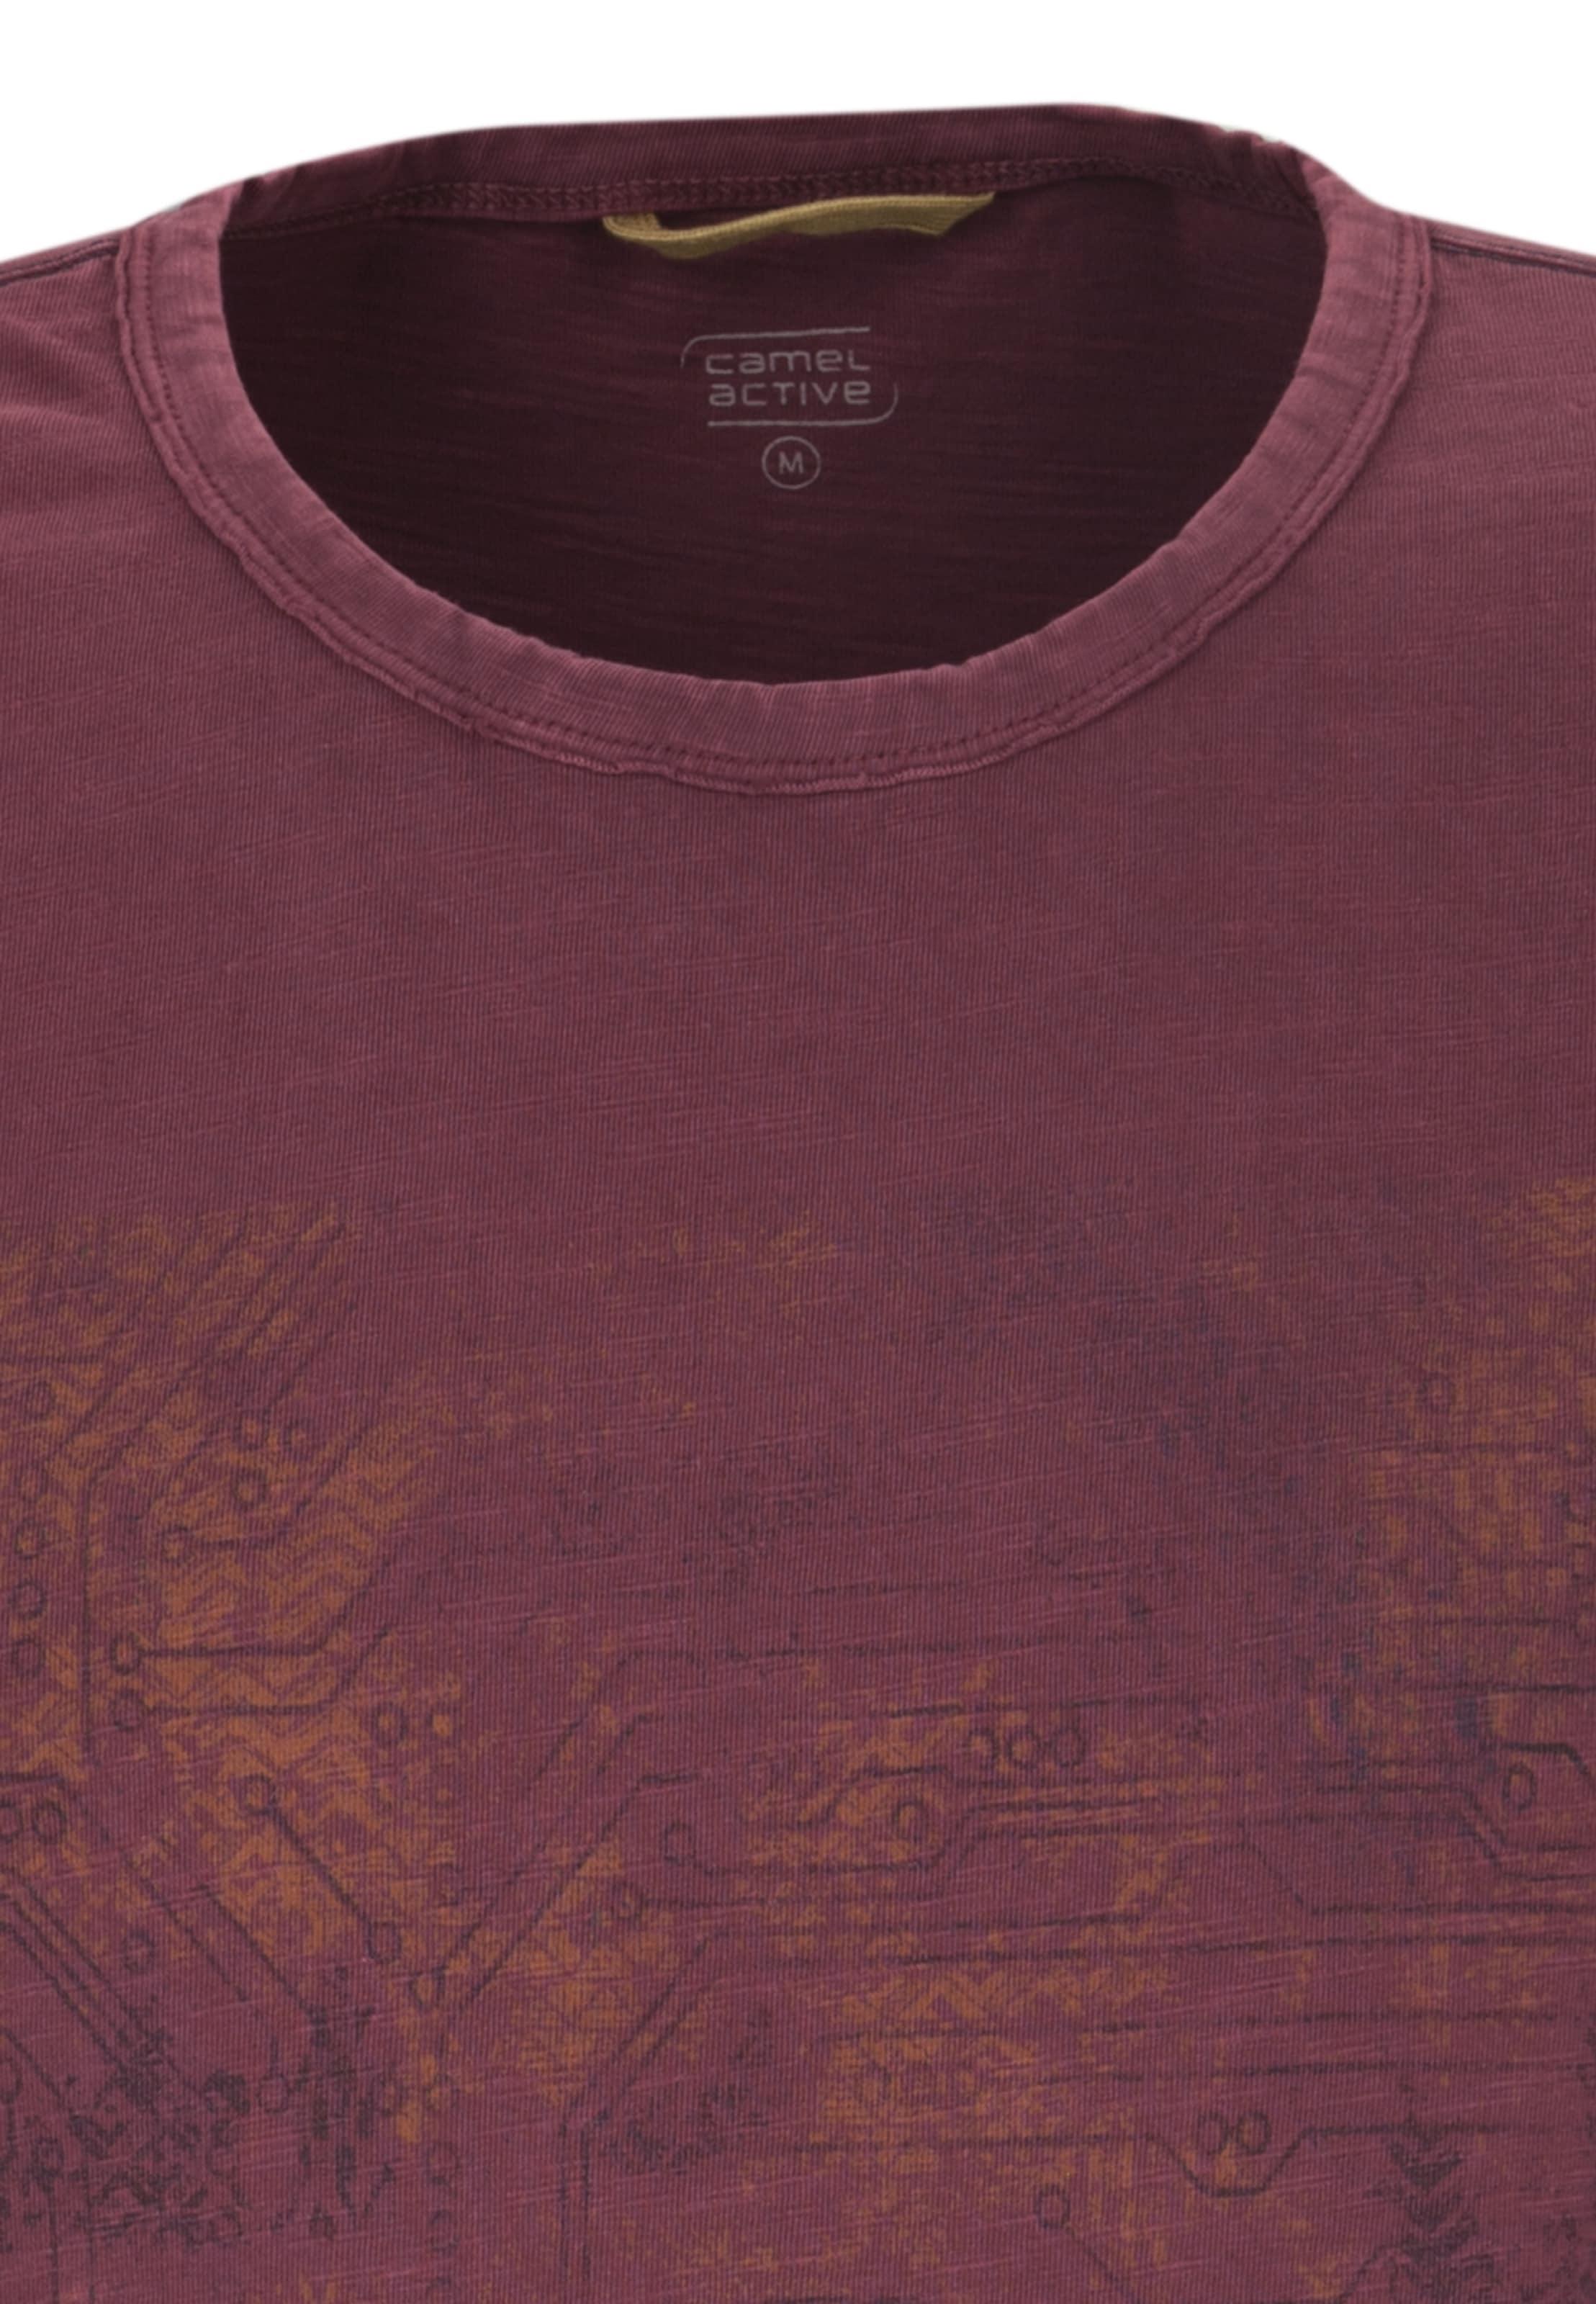 Foncé shirt Active En T CuivreRouge Camel nyvN8wOm0